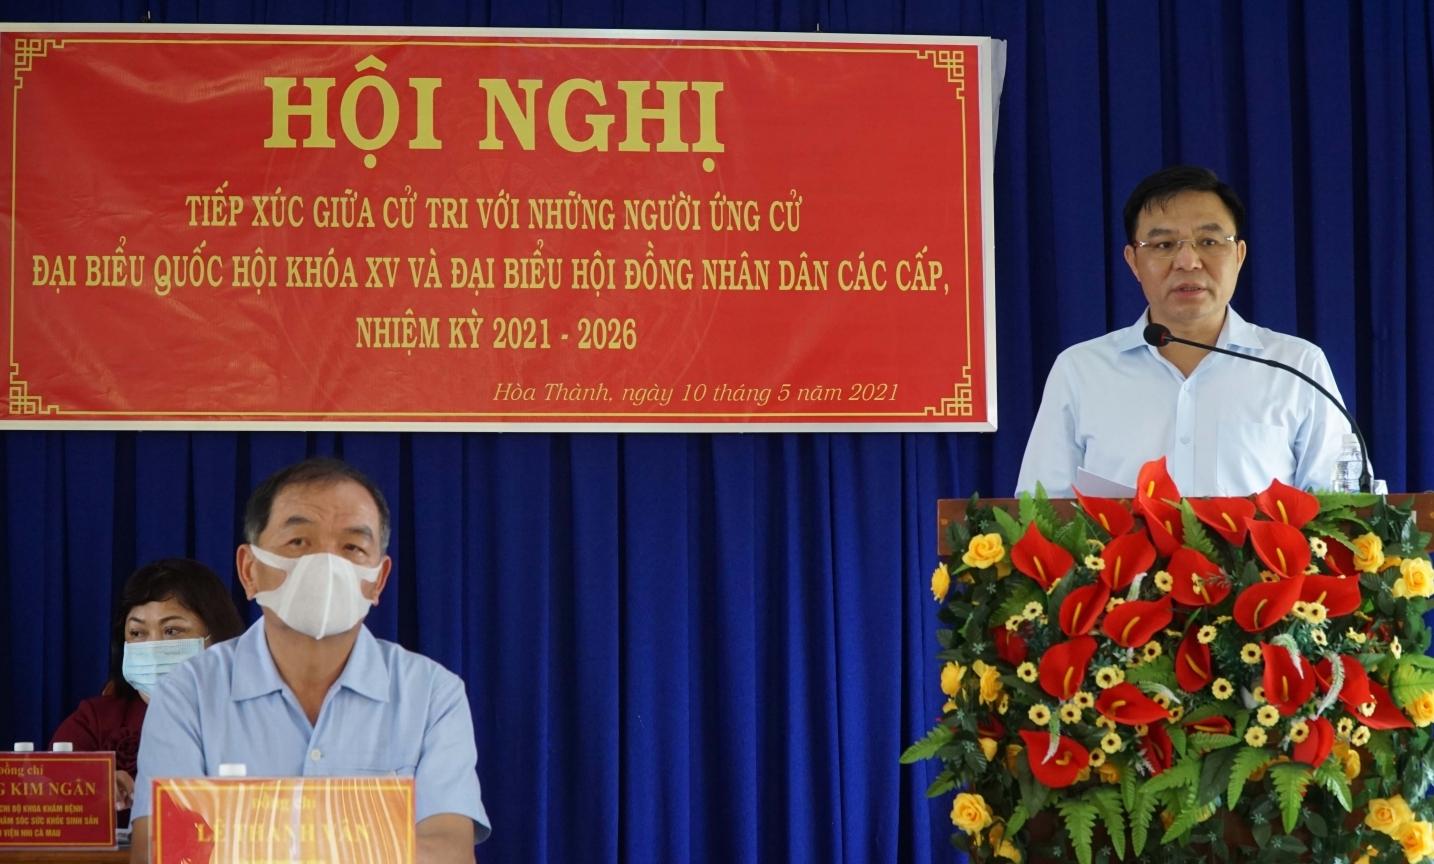 Cử tri đặt niềm tin, kỳ vọng vào Chương trình hành động của Tổng Giám đốc Tập đoàn Dầu khí Việt Nam